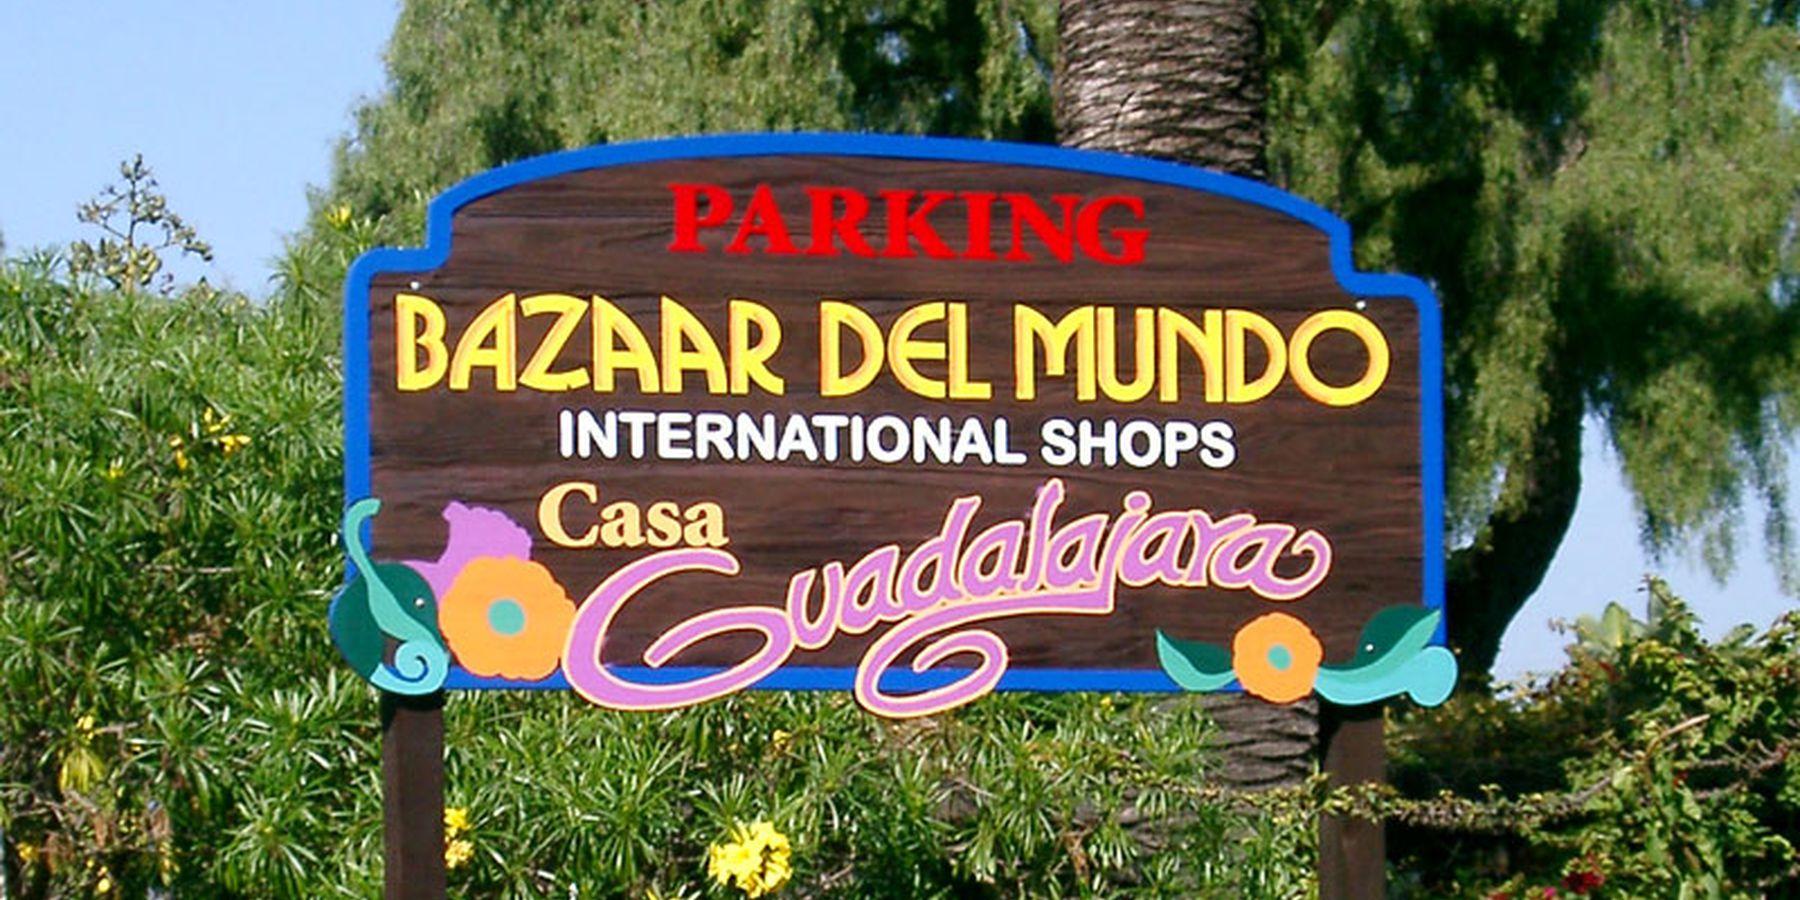 Bazaar del mundo - San Diego - California - Amerika - Doets Reizen